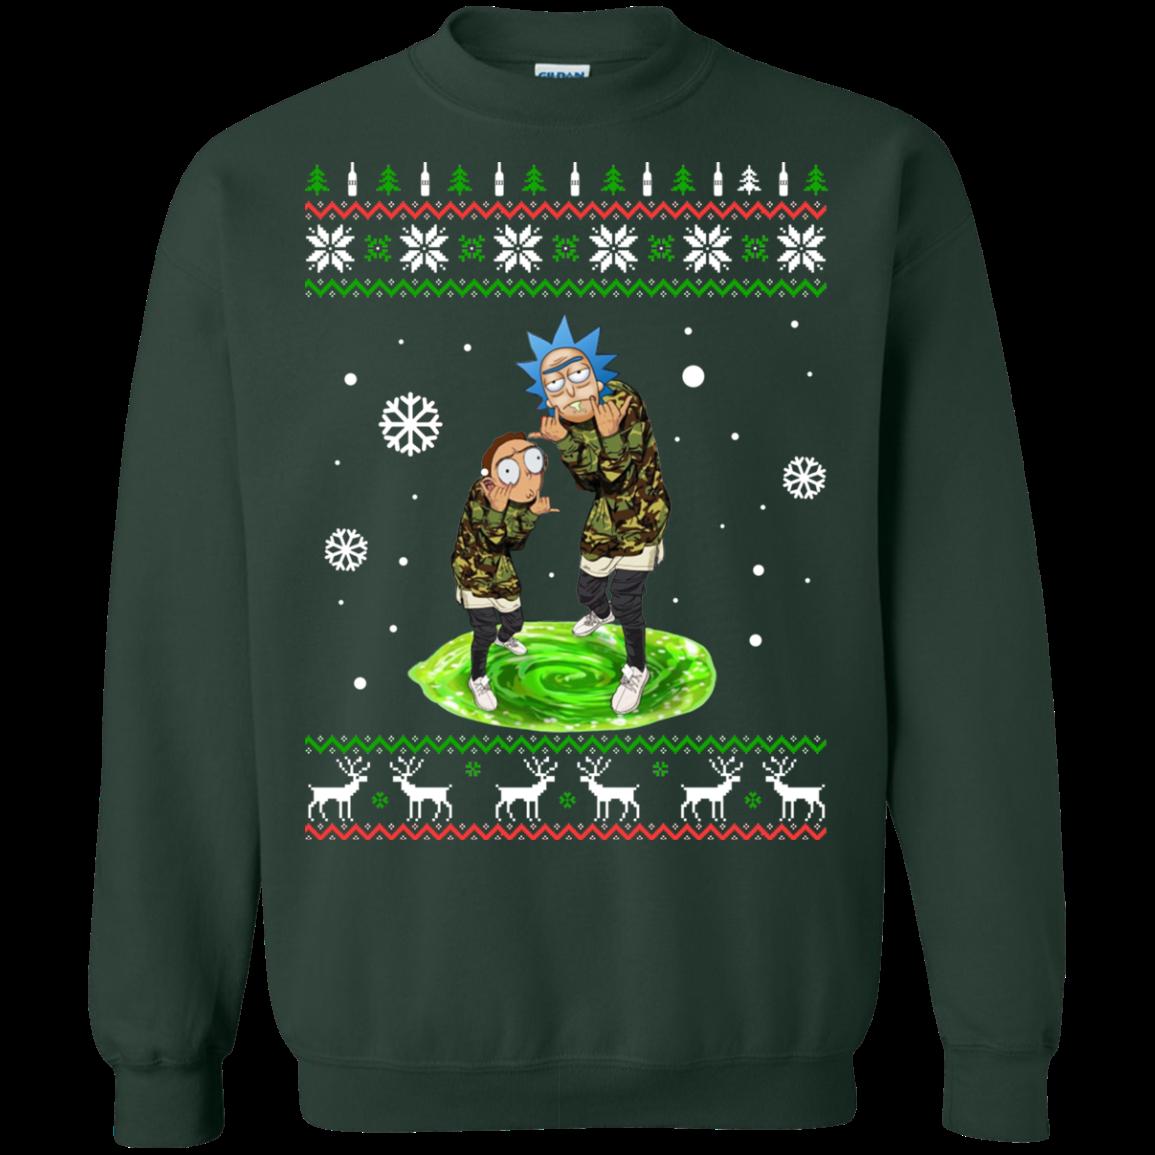 Rick And Morty Supreme Christmas Sweatshirt Allbluetees